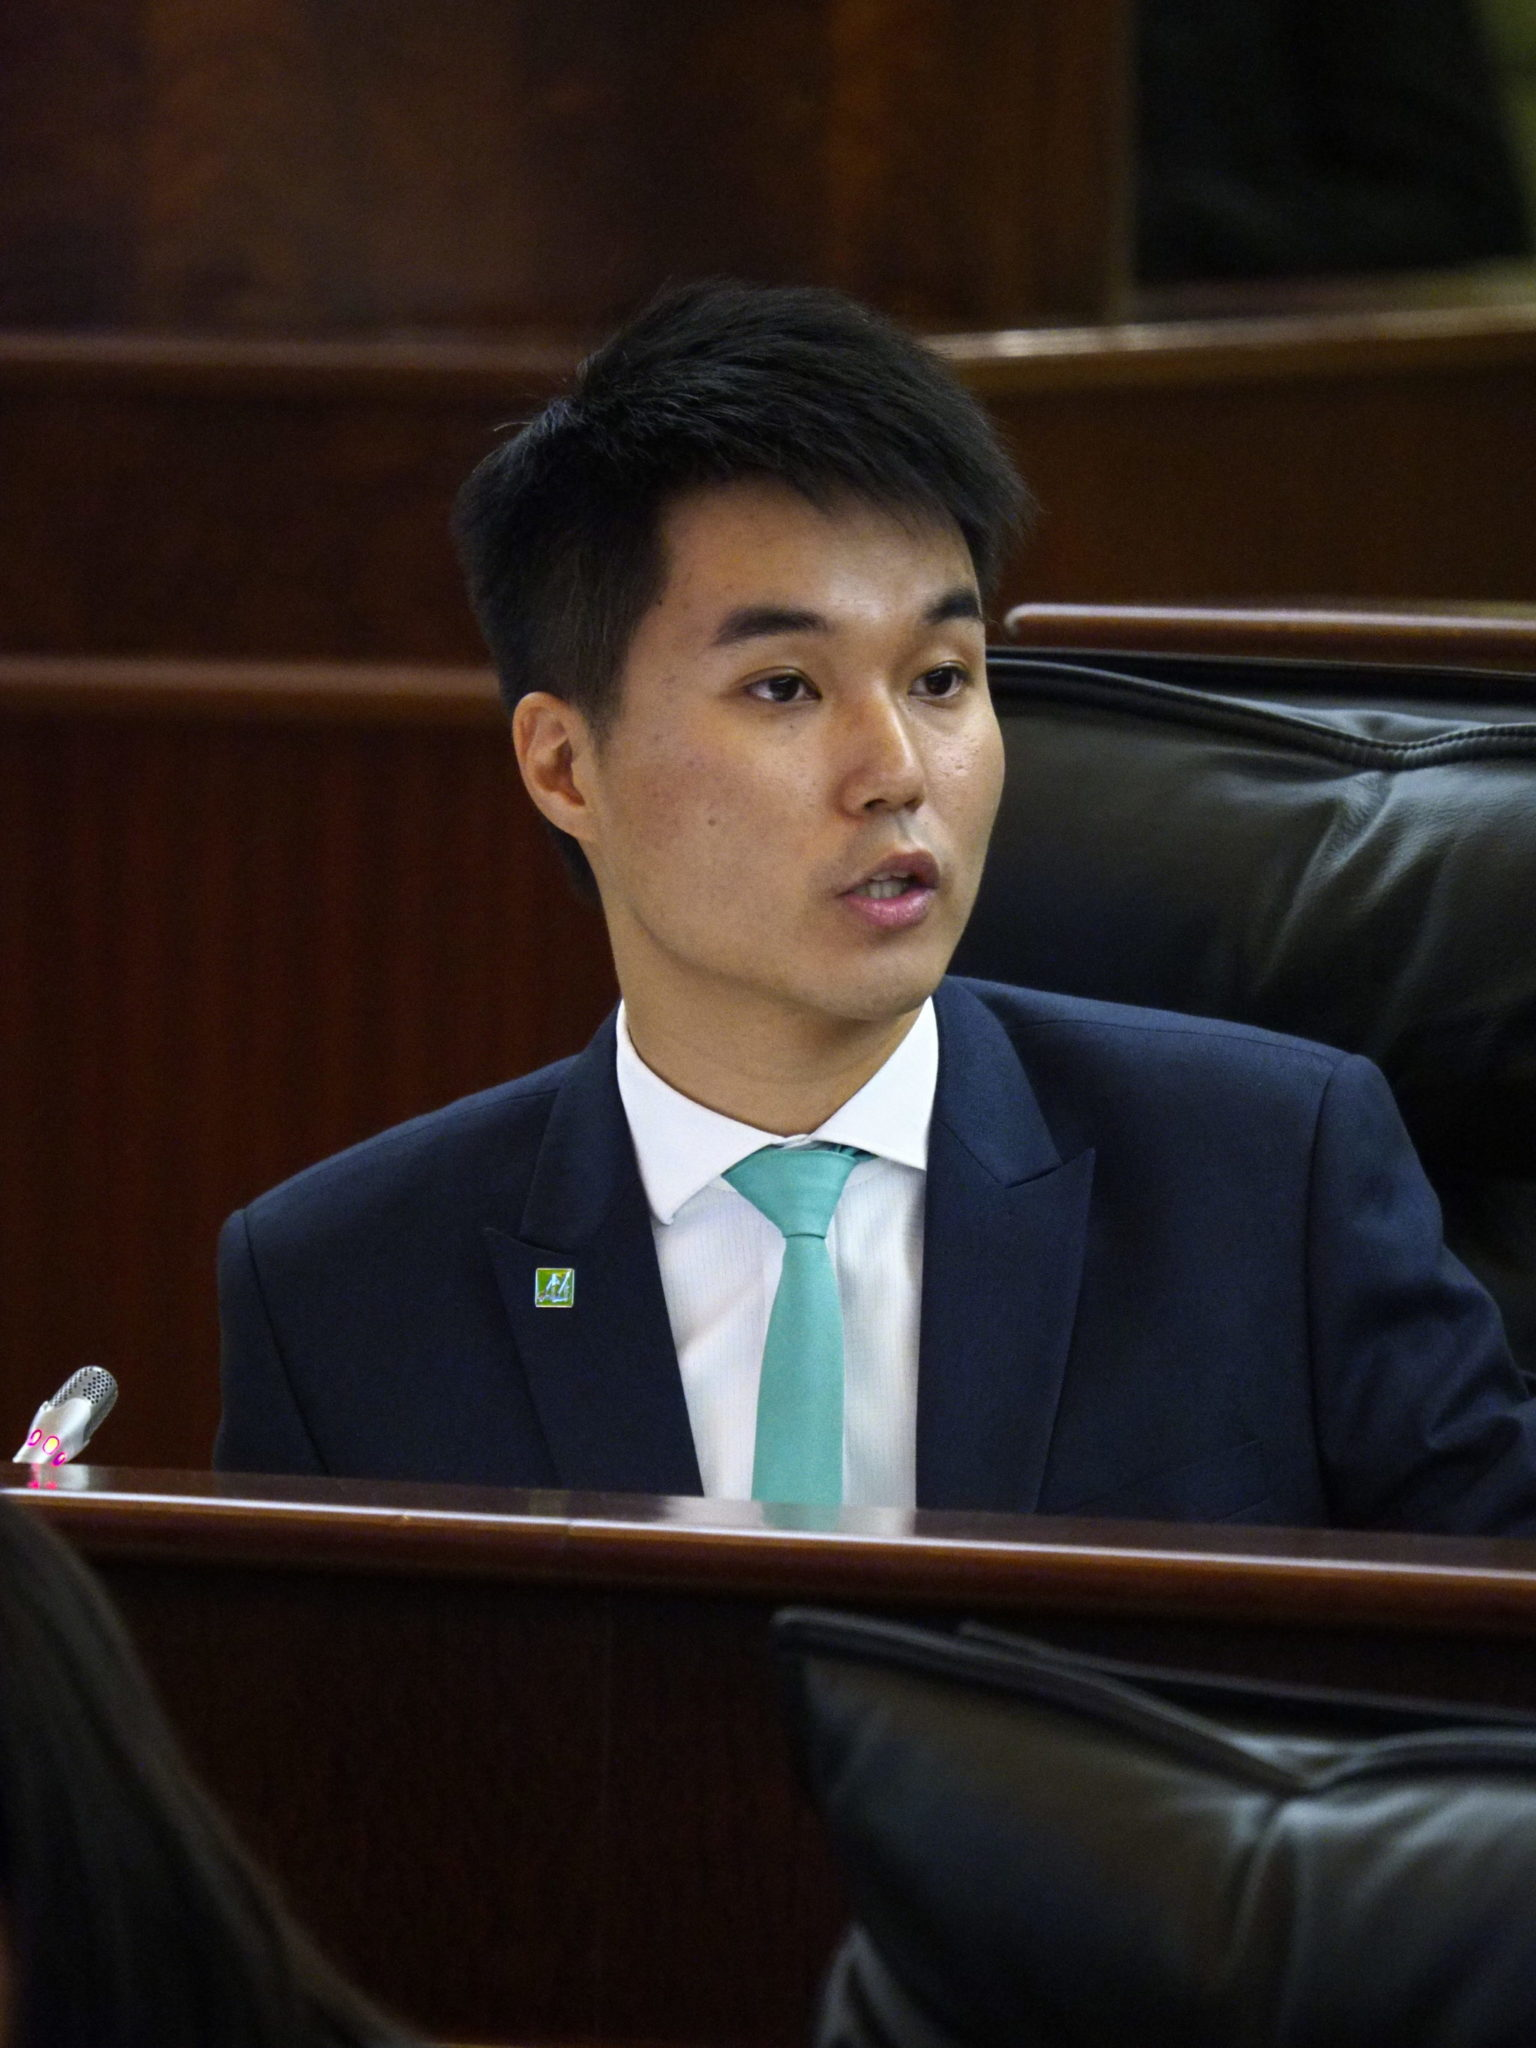 Património | Sulu Sou quer que Ho Iat Seng dê prioridade à preservação